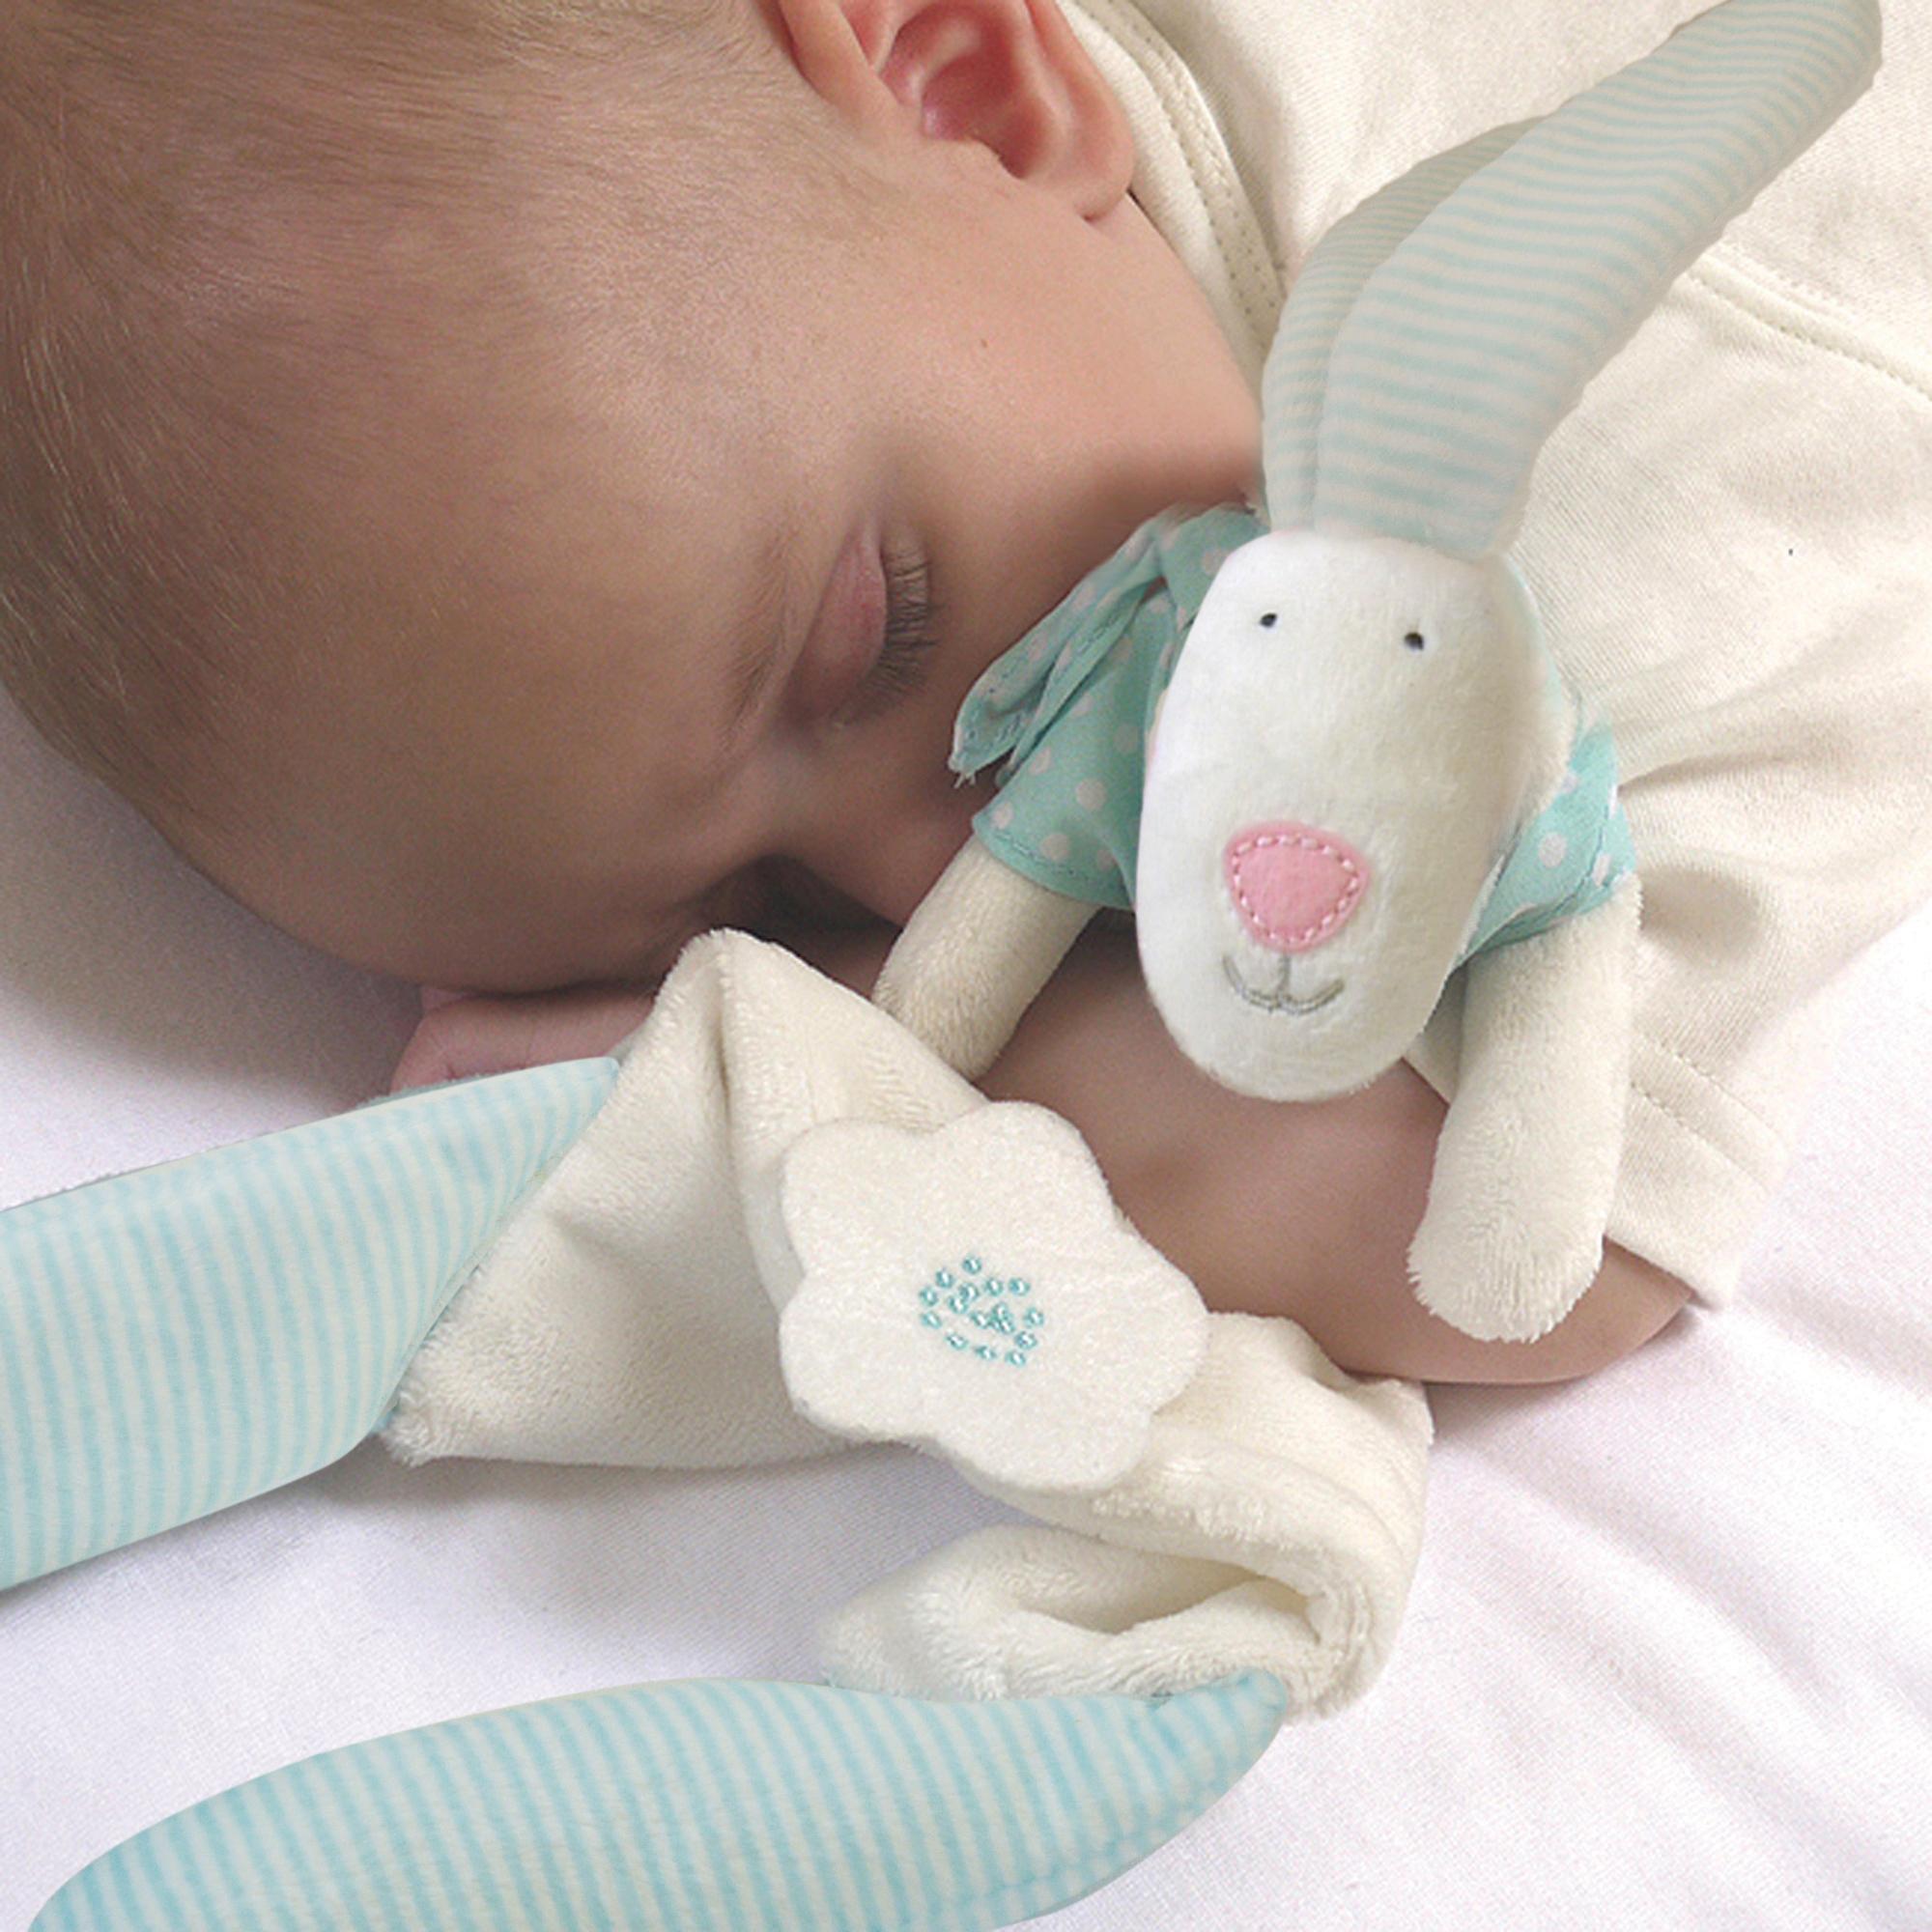 dolly dainty baby double pack slumbersac comforter